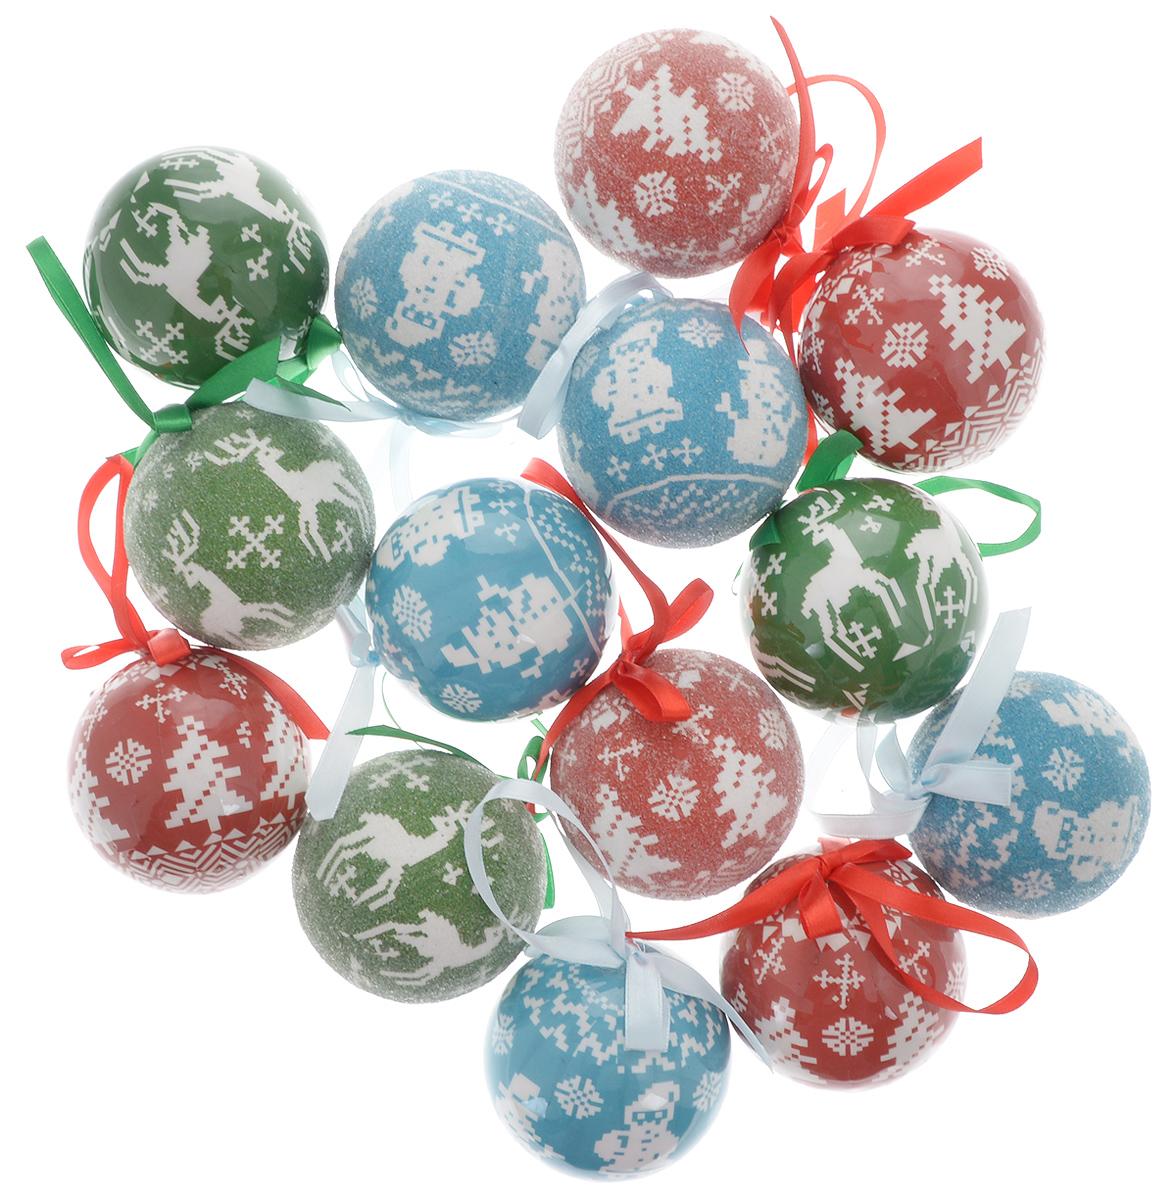 Набор новогодних подвесных украшений Winter Wings, диаметр 7,5 см, 14 штN181179Набор подвесных украшений Winter Wings прекрасно подойдет для праздничного декора новогодней ели. Набор состоит из 14 пластиковых украшений. Для удобного размещения на елке для каждого украшения предусмотрена петелька, выполненная из текстиля.Елочная игрушка - символ Нового года. Она несет в себе волшебство и красоту праздника. Создайте в своем доме атмосферу веселья и радости, украшая новогоднюю елку нарядными игрушками, которые будут из года в год накапливать теплоту воспоминаний. Откройте для себя удивительный мир сказок и грез. Почувствуйте волшебные минуты ожидания праздника, создайте новогоднее настроение вашим дорогим и близким.